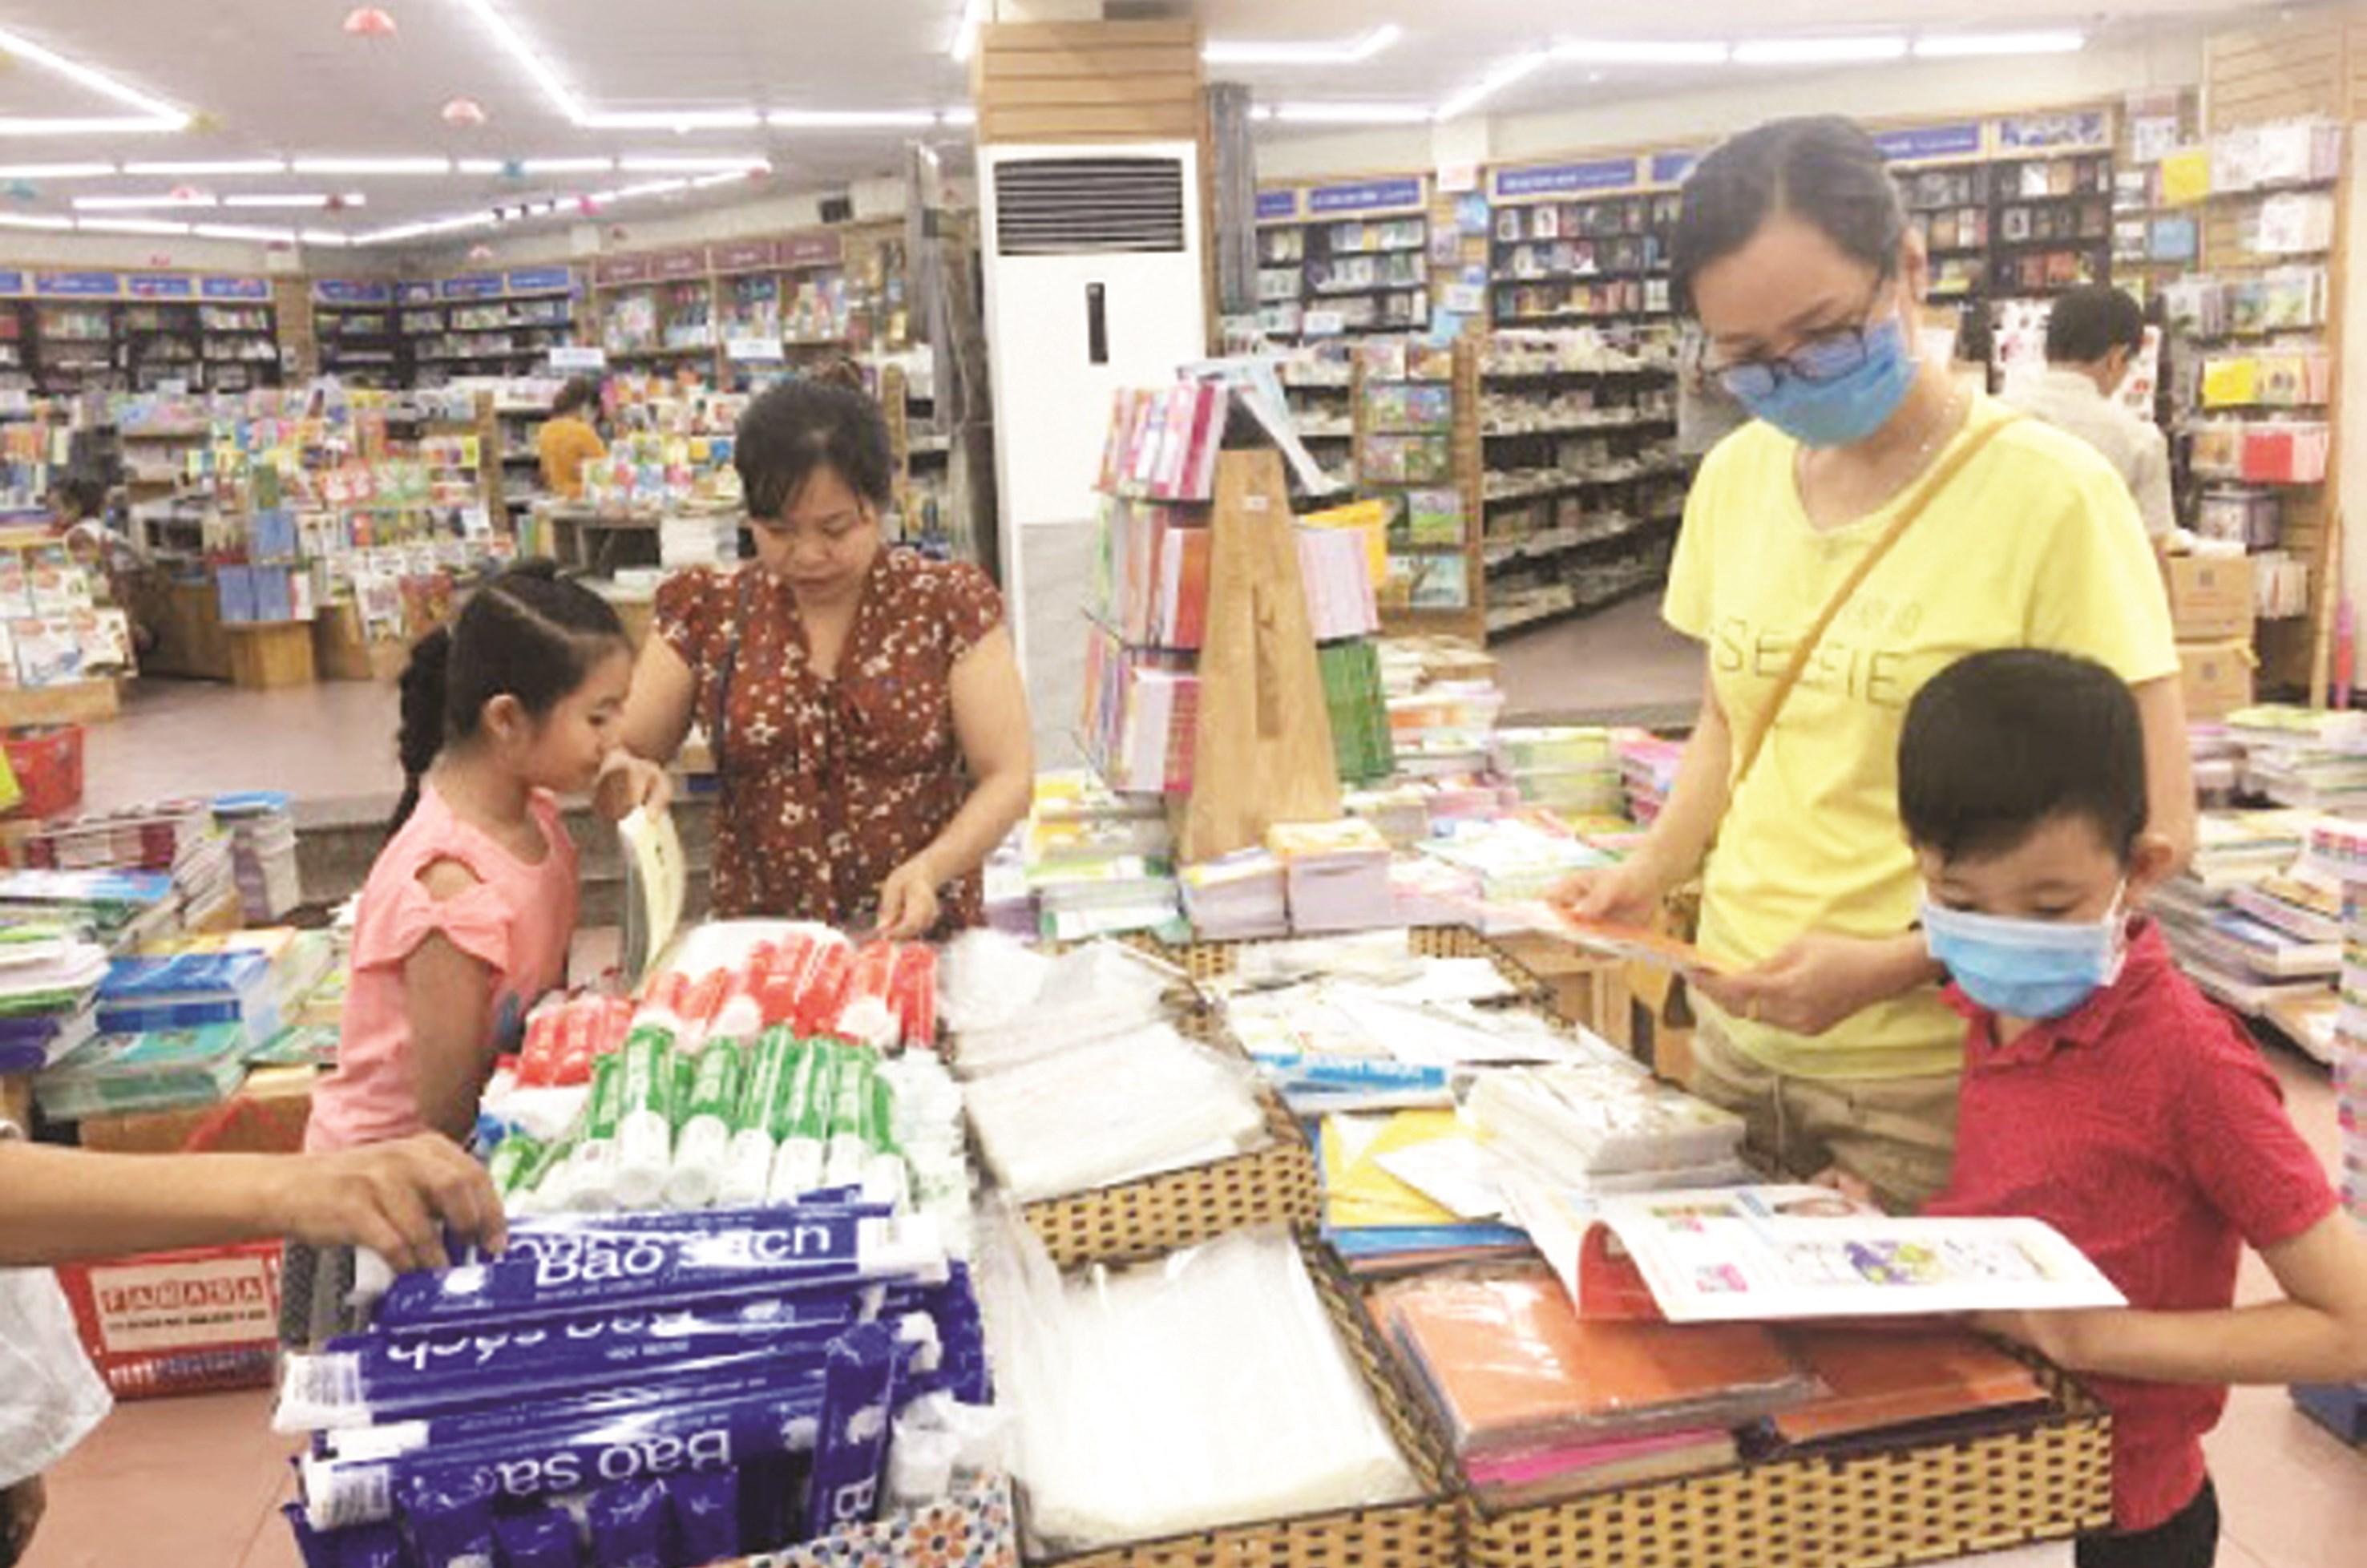 Phụ huynh có quyền lựa chọn sách và nơi bán sách cho con